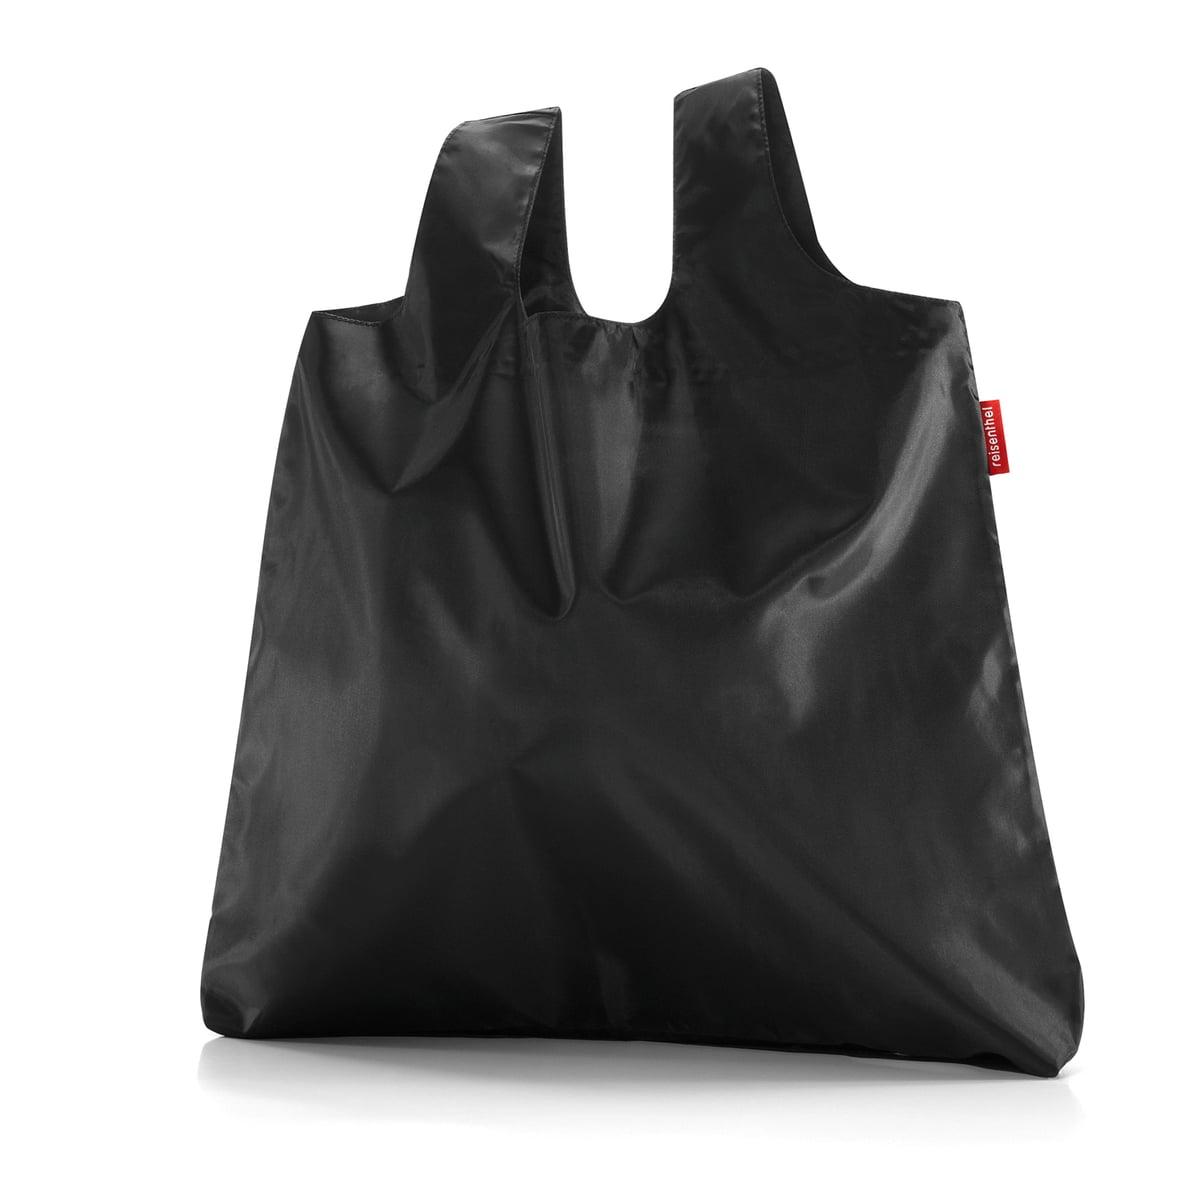 Reisenthel Mini Maxi Shopper Einkaufstasche Tragetasche Anthrazit